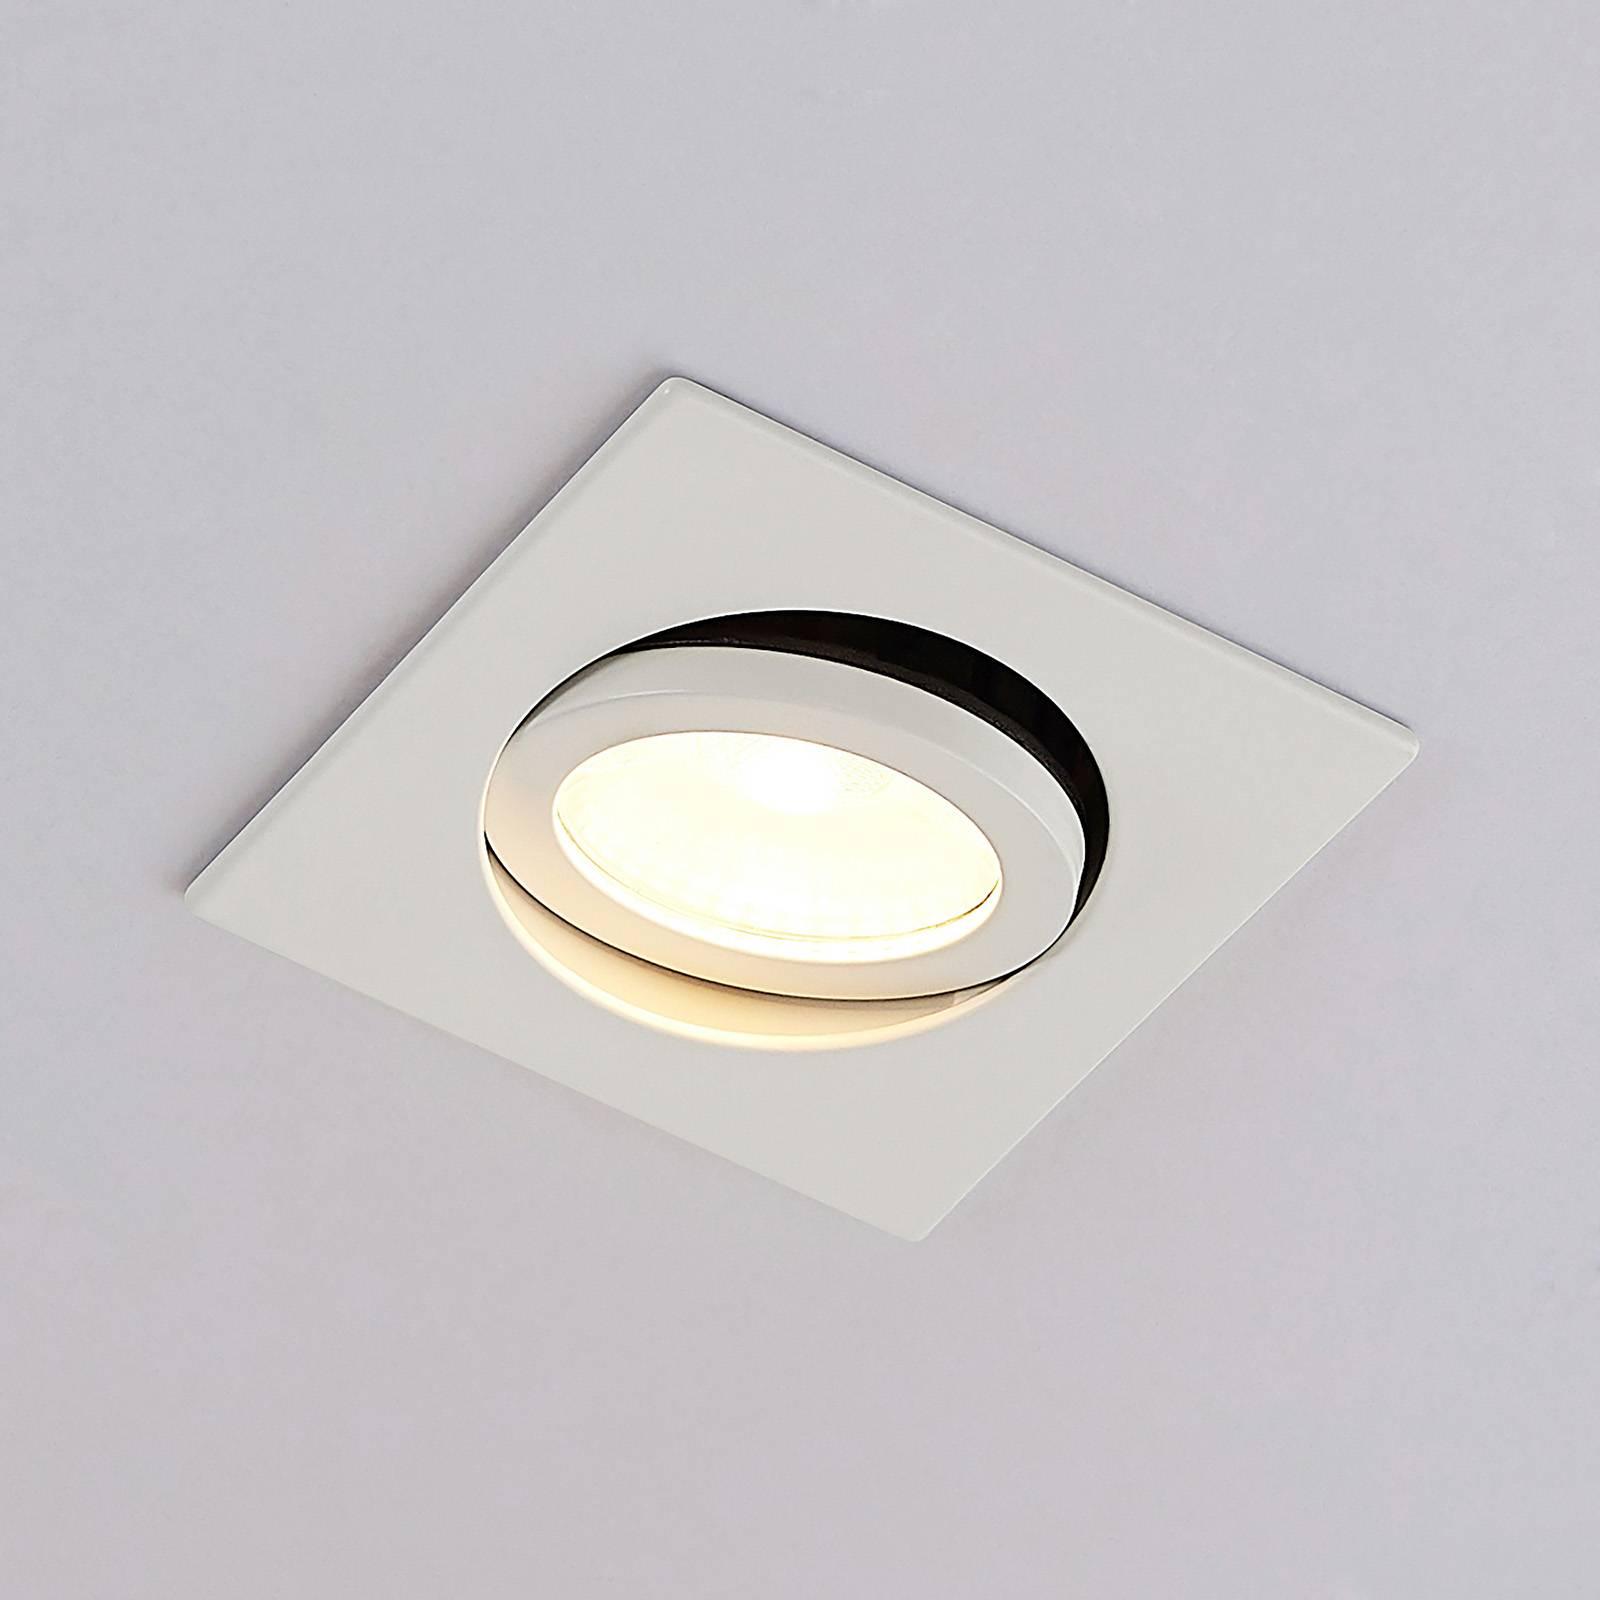 Arcchio Dacio LED-alasvalo kulmikas 36° IP65 8,2W